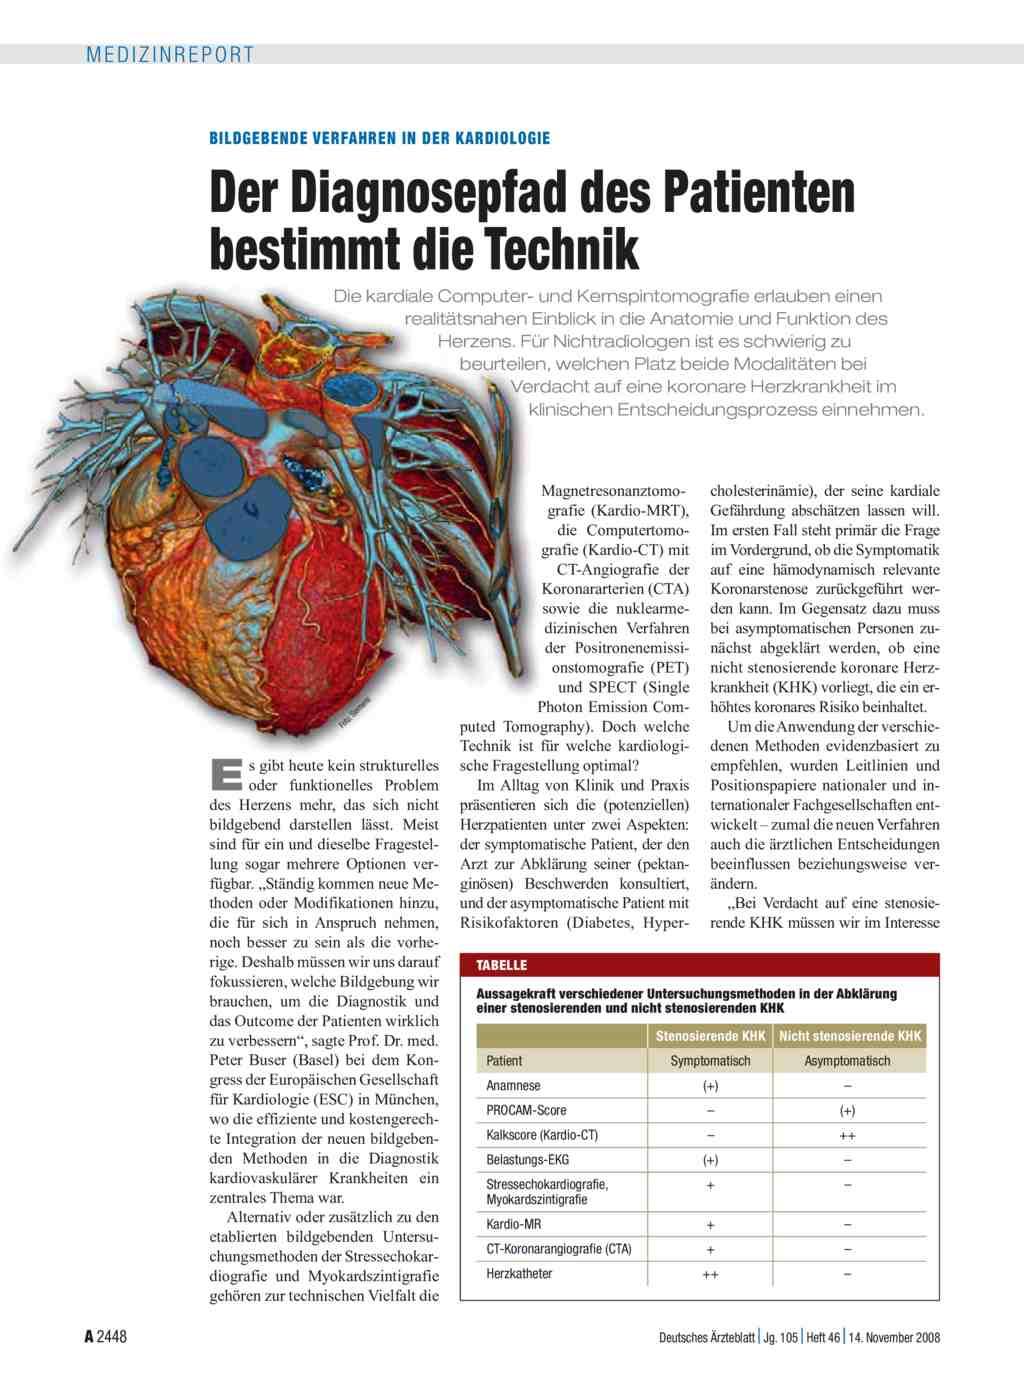 Bildgebende Verfahren in der Kardiologie: Der Diagnosepfad des ...